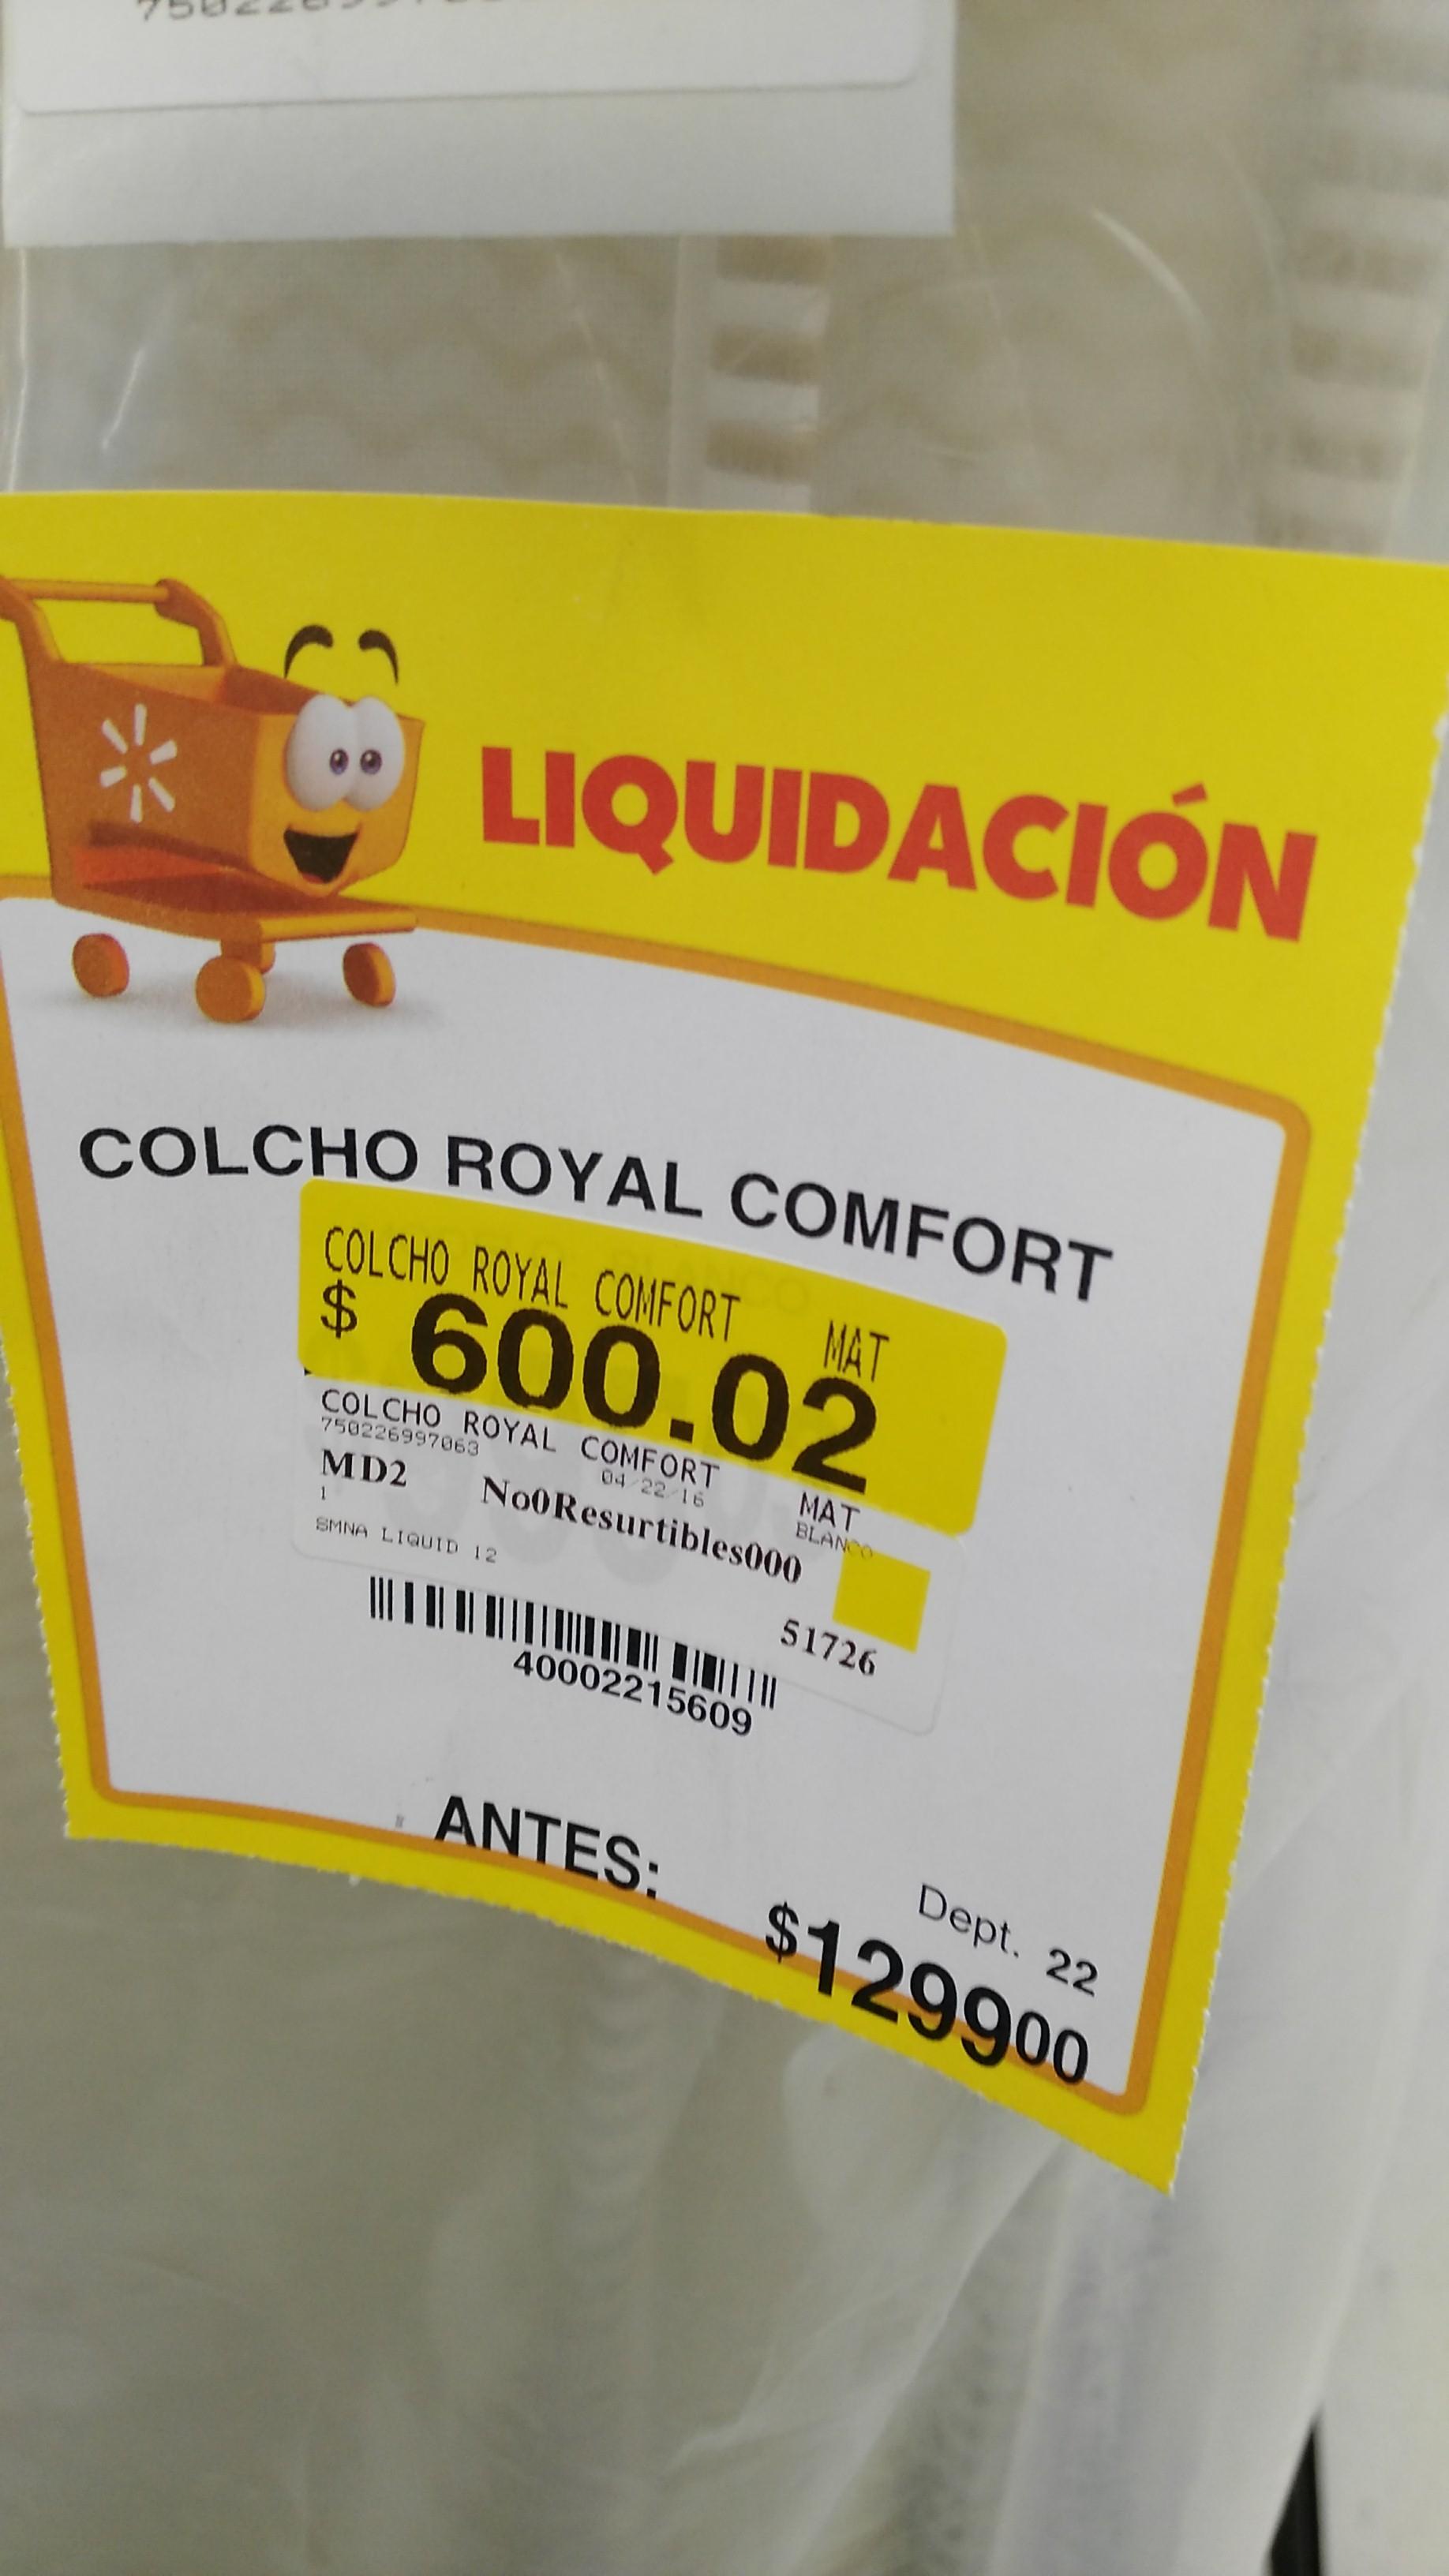 Walmart Pirules: Colchon matrimonial a $600.02